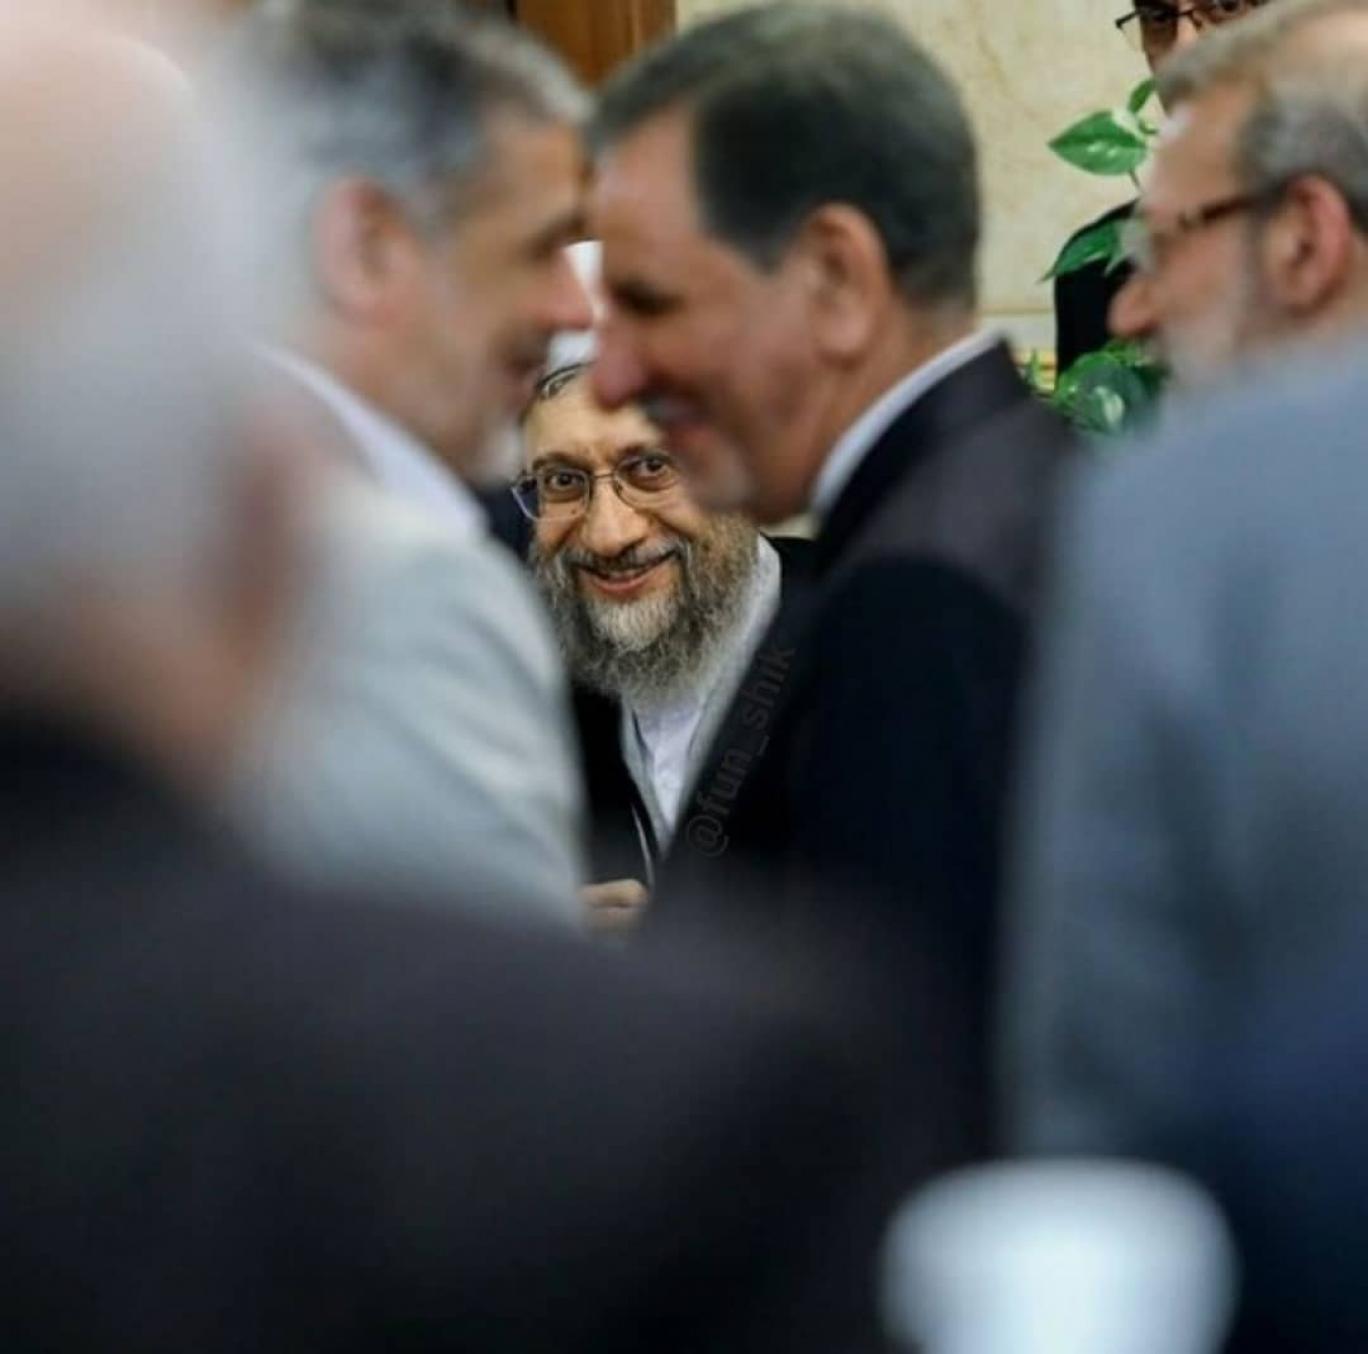 «ابوالفضل ضیایی, جاسوس صادق لاریجانی» دستگیر شد؛ ادامه سریال حذف لاریجانی از قدرت